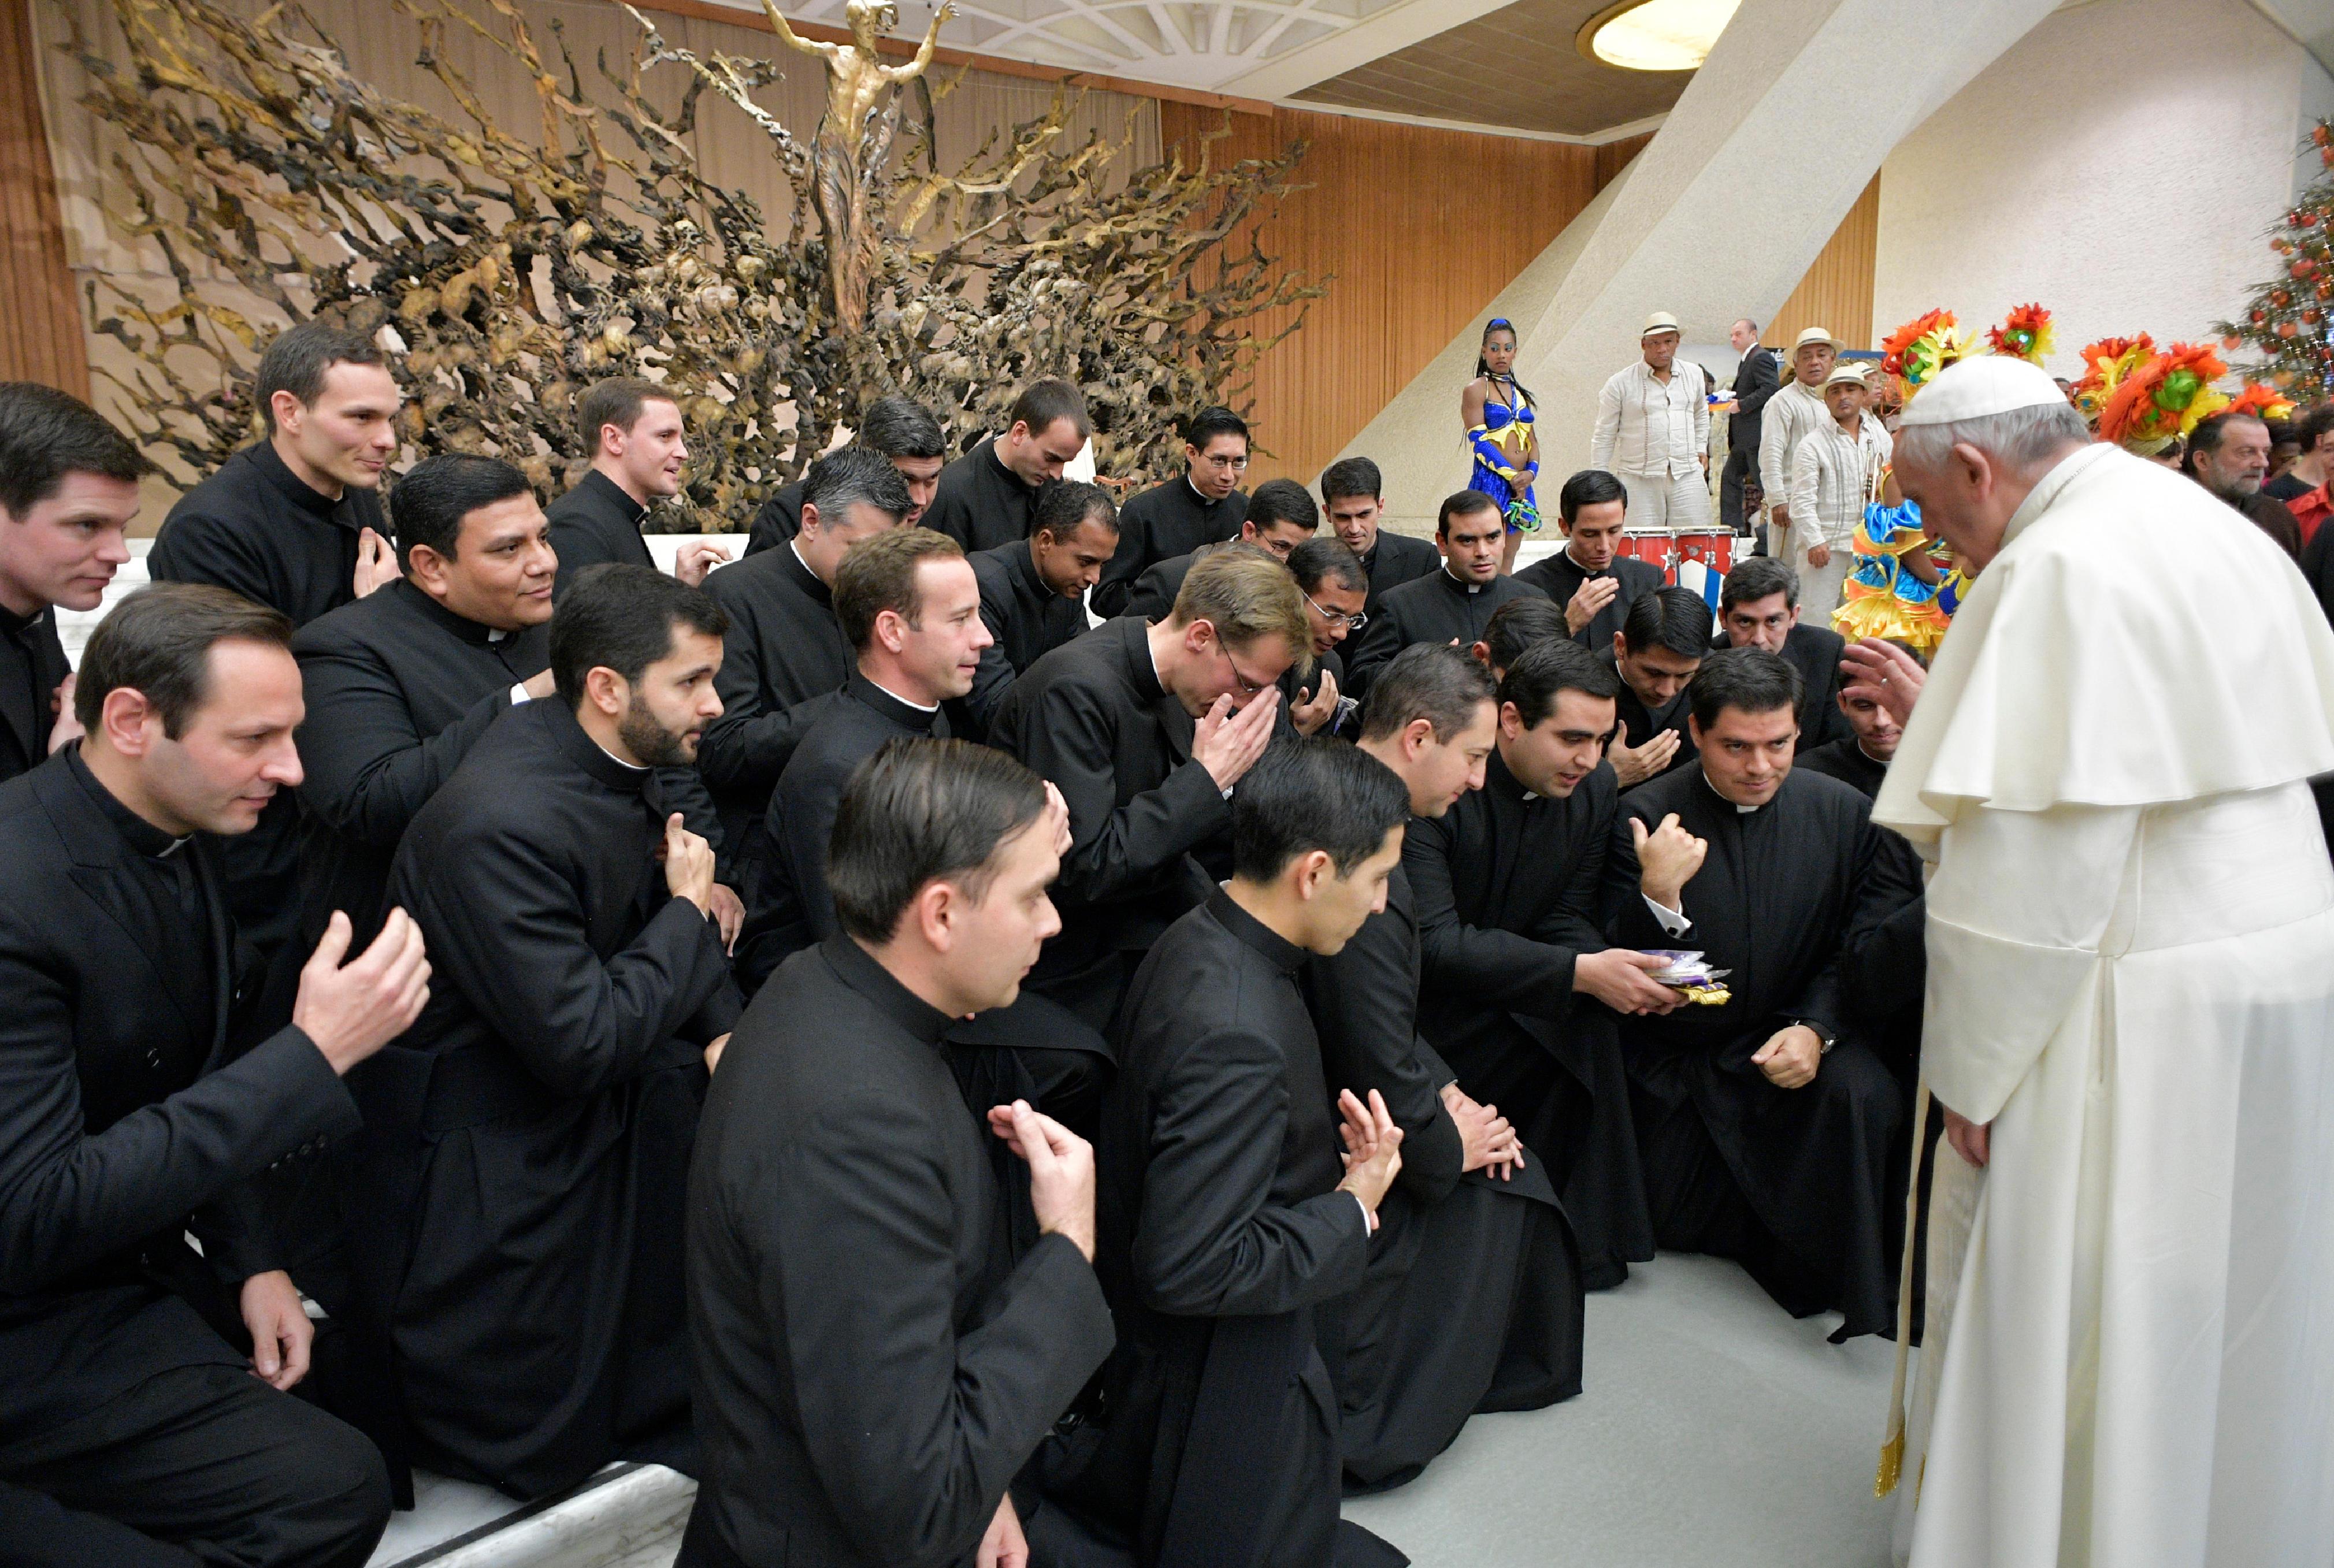 El Papa ha bendecido a los sacerdotes de los Legionarios de Cristo © L'Osservatore Romano